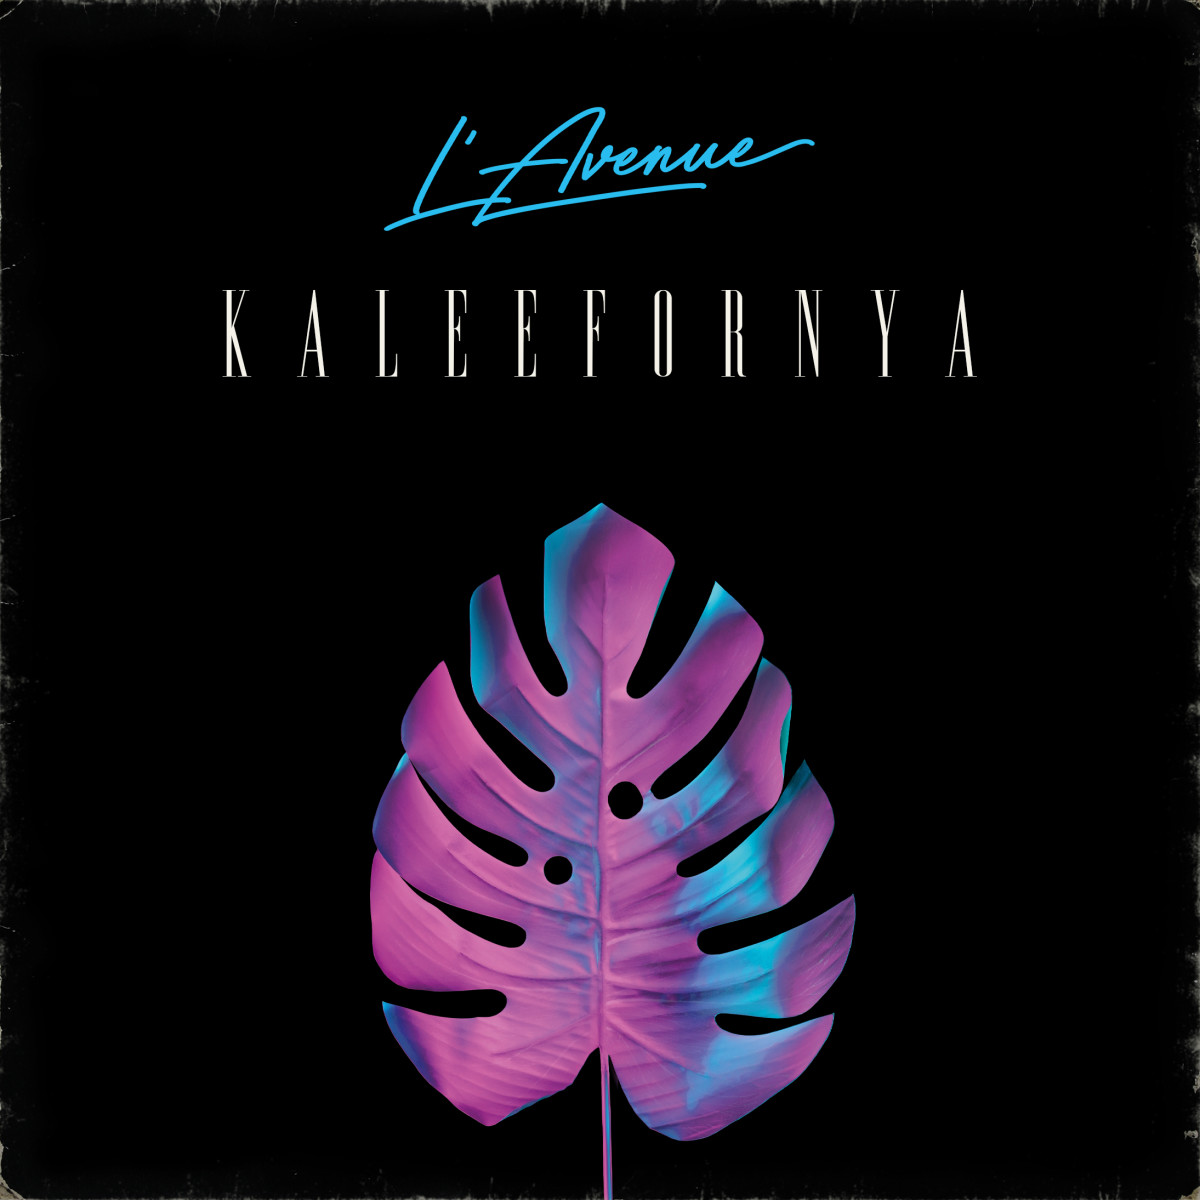 """Artwork for """"Kaleefornya"""" by L'Avenue"""